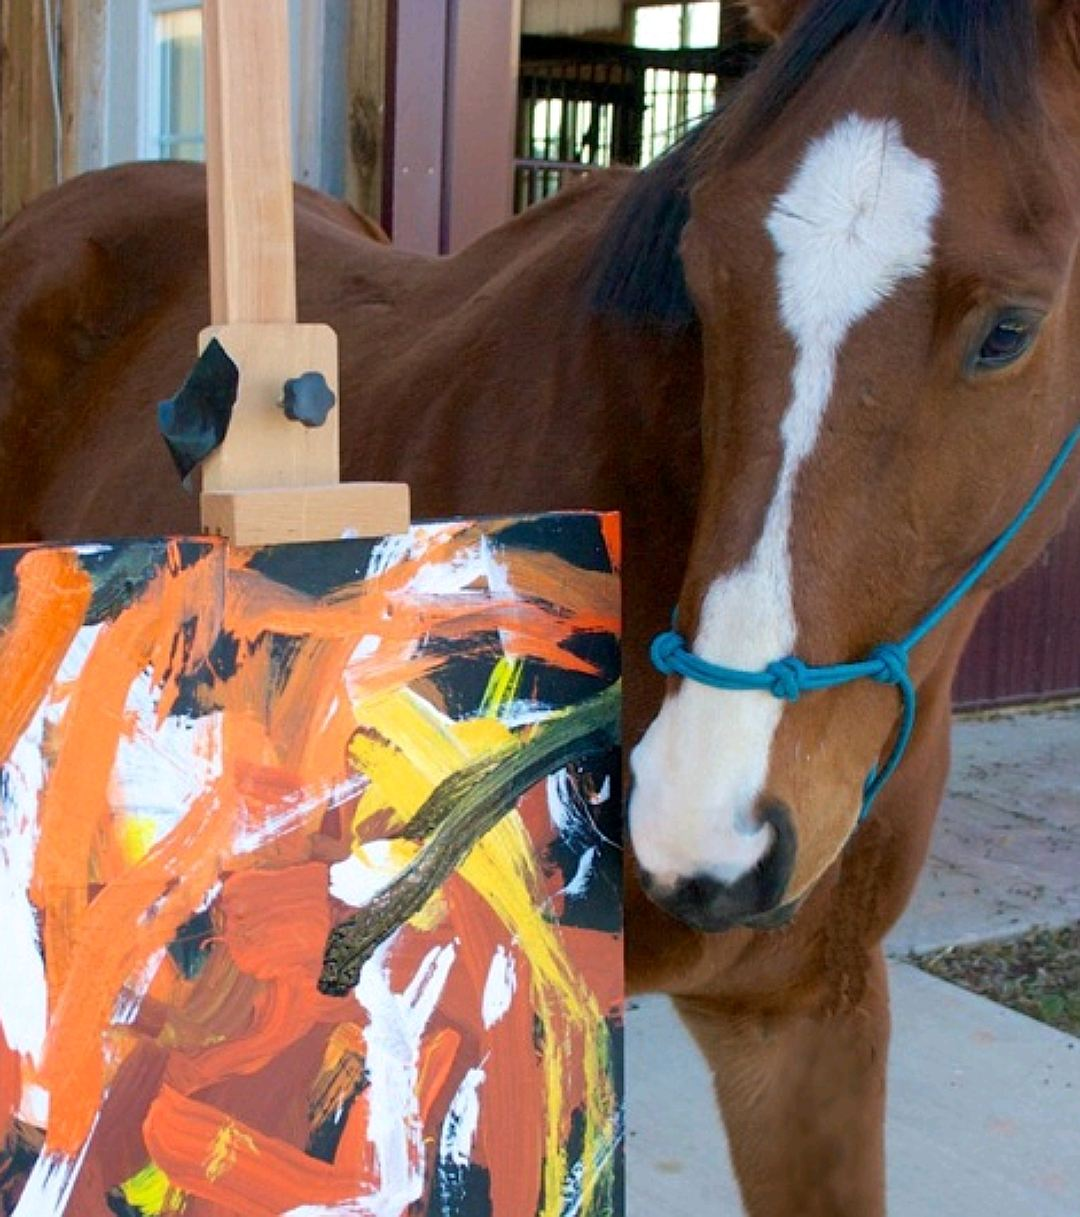 Жеребец по прозвищу Метро Метеор принадлежит к породе чистокровных верховых лошадей. ФОТО paintedbymetro.com